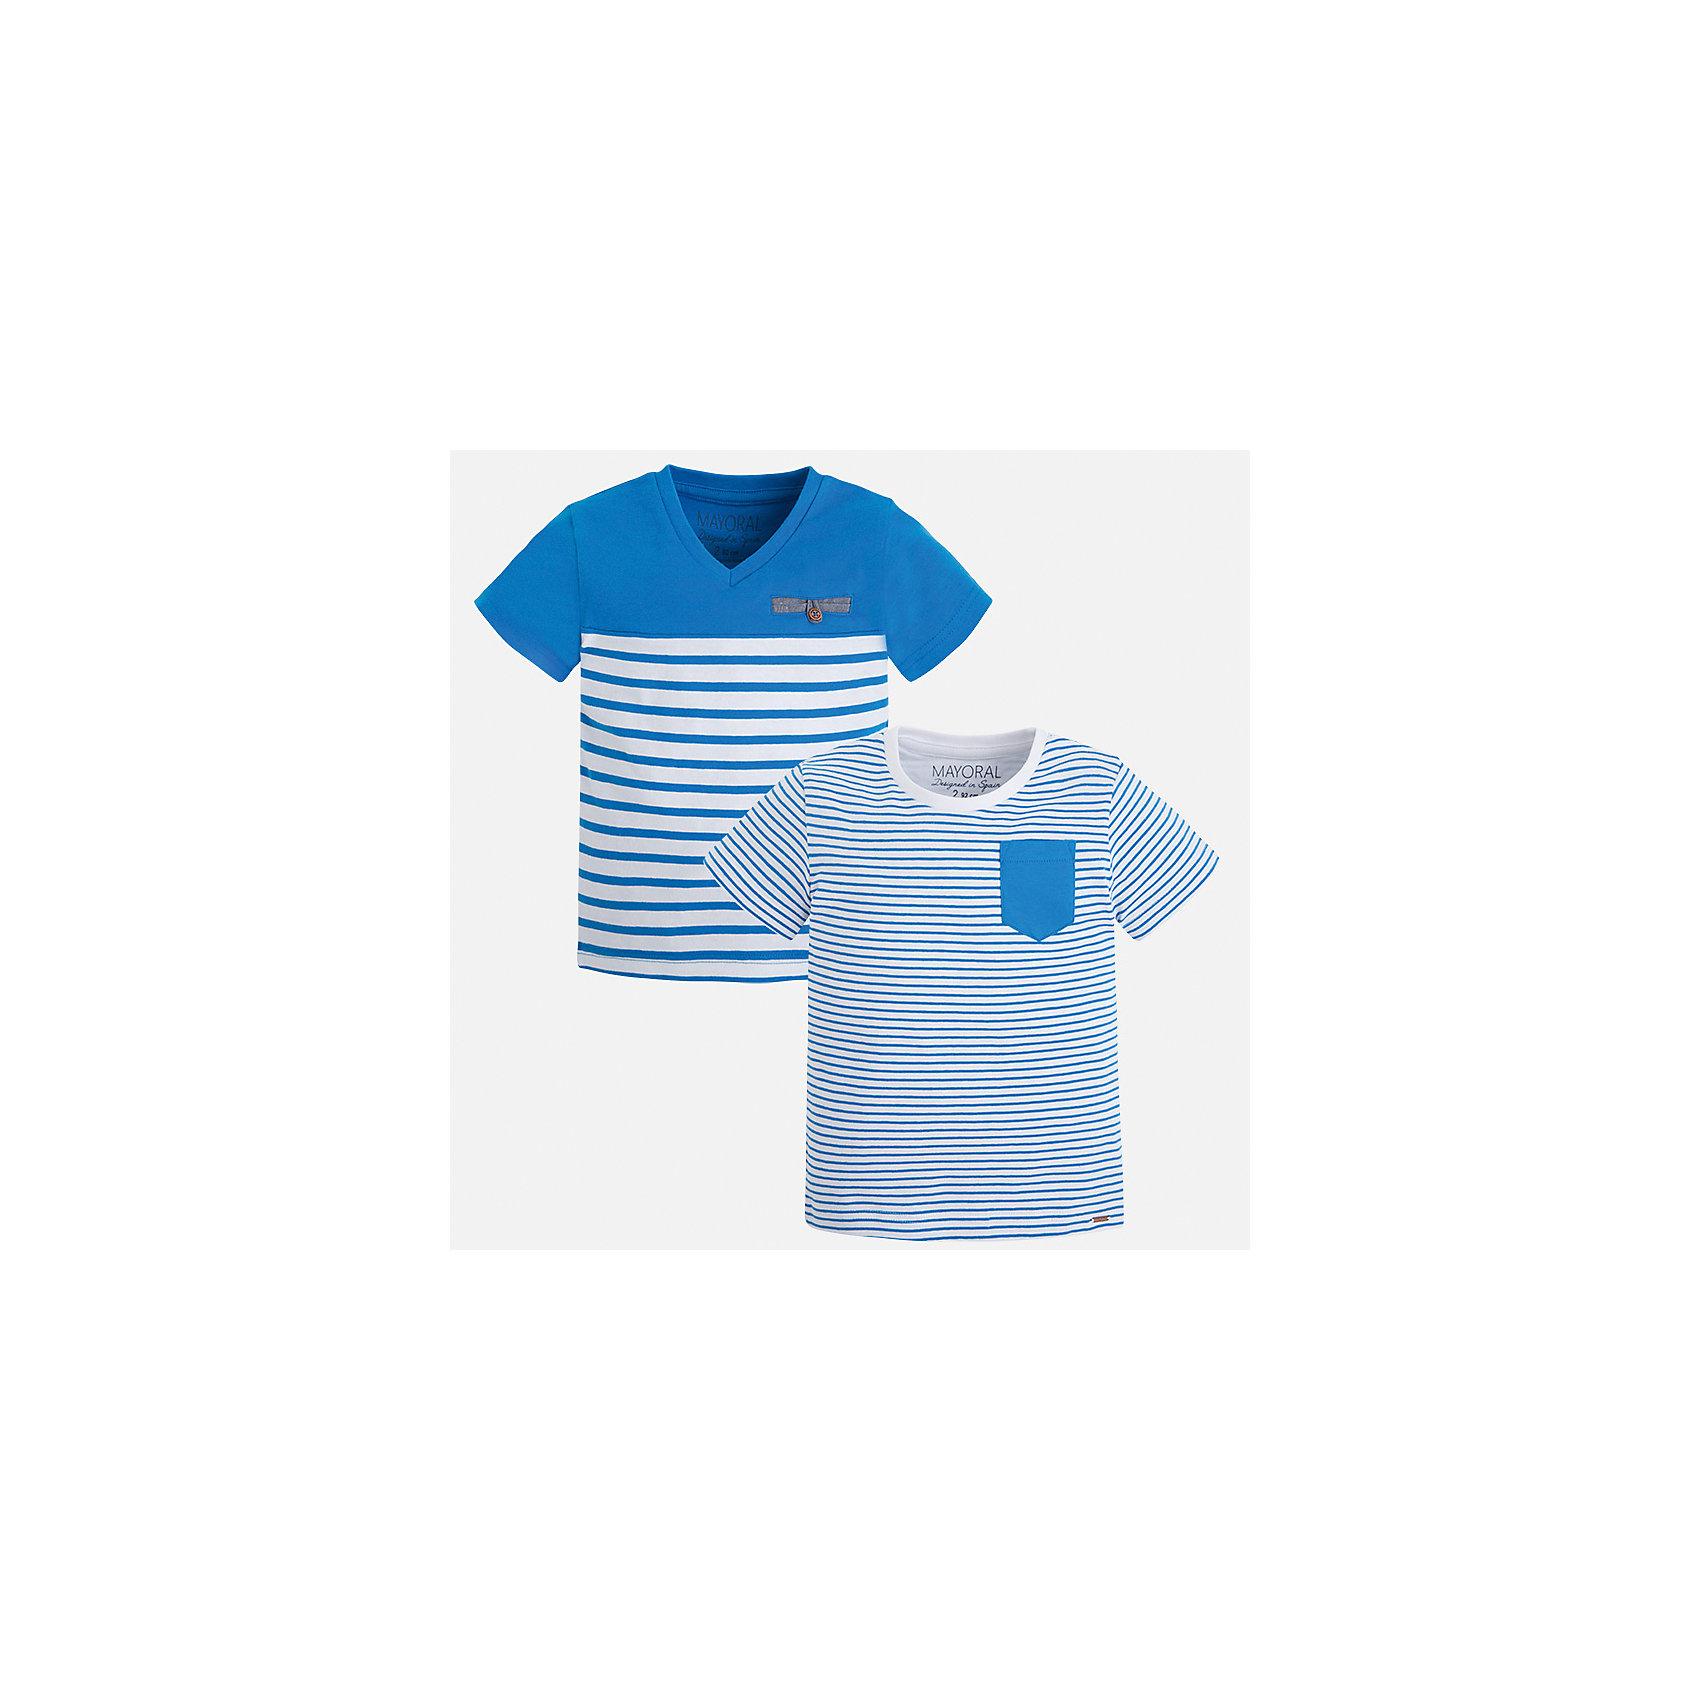 Футболка (2 шт.) для мальчика MayoralФутболки, поло и топы<br>Характеристики товара:<br><br>• цвет: голубой/белый<br>• состав: 100% хлопок<br>• комплектация: 2 шт<br>• декорированы кармашком на груди<br>• короткие рукава<br>• отделка горловины<br>• страна бренда: Испания<br><br>Модная удобная футболка с принтом поможет разнообразить гардероб мальчика. Она отлично сочетается с брюками, шортами, джинсами. Универсальный крой и цвет позволяет подобрать к вещи низ разных расцветок. Практичное и стильное изделие! Хорошо смотрится и комфортно сидит на детях. В составе материала - только натуральный хлопок, гипоаллергенный, приятный на ощупь, дышащий. <br><br>Одежда, обувь и аксессуары от испанского бренда Mayoral полюбились детям и взрослым по всему миру. Модели этой марки - стильные и удобные. Для их производства используются только безопасные, качественные материалы и фурнитура. Порадуйте ребенка модными и красивыми вещами от Mayoral! <br><br>Футболку (2 шт.) для мальчика от испанского бренда Mayoral (Майорал) можно купить в нашем интернет-магазине.<br><br>Ширина мм: 199<br>Глубина мм: 10<br>Высота мм: 161<br>Вес г: 151<br>Цвет: синий<br>Возраст от месяцев: 18<br>Возраст до месяцев: 24<br>Пол: Мужской<br>Возраст: Детский<br>Размер: 92,116,104,98,92,110,134,128,122<br>SKU: 5279953